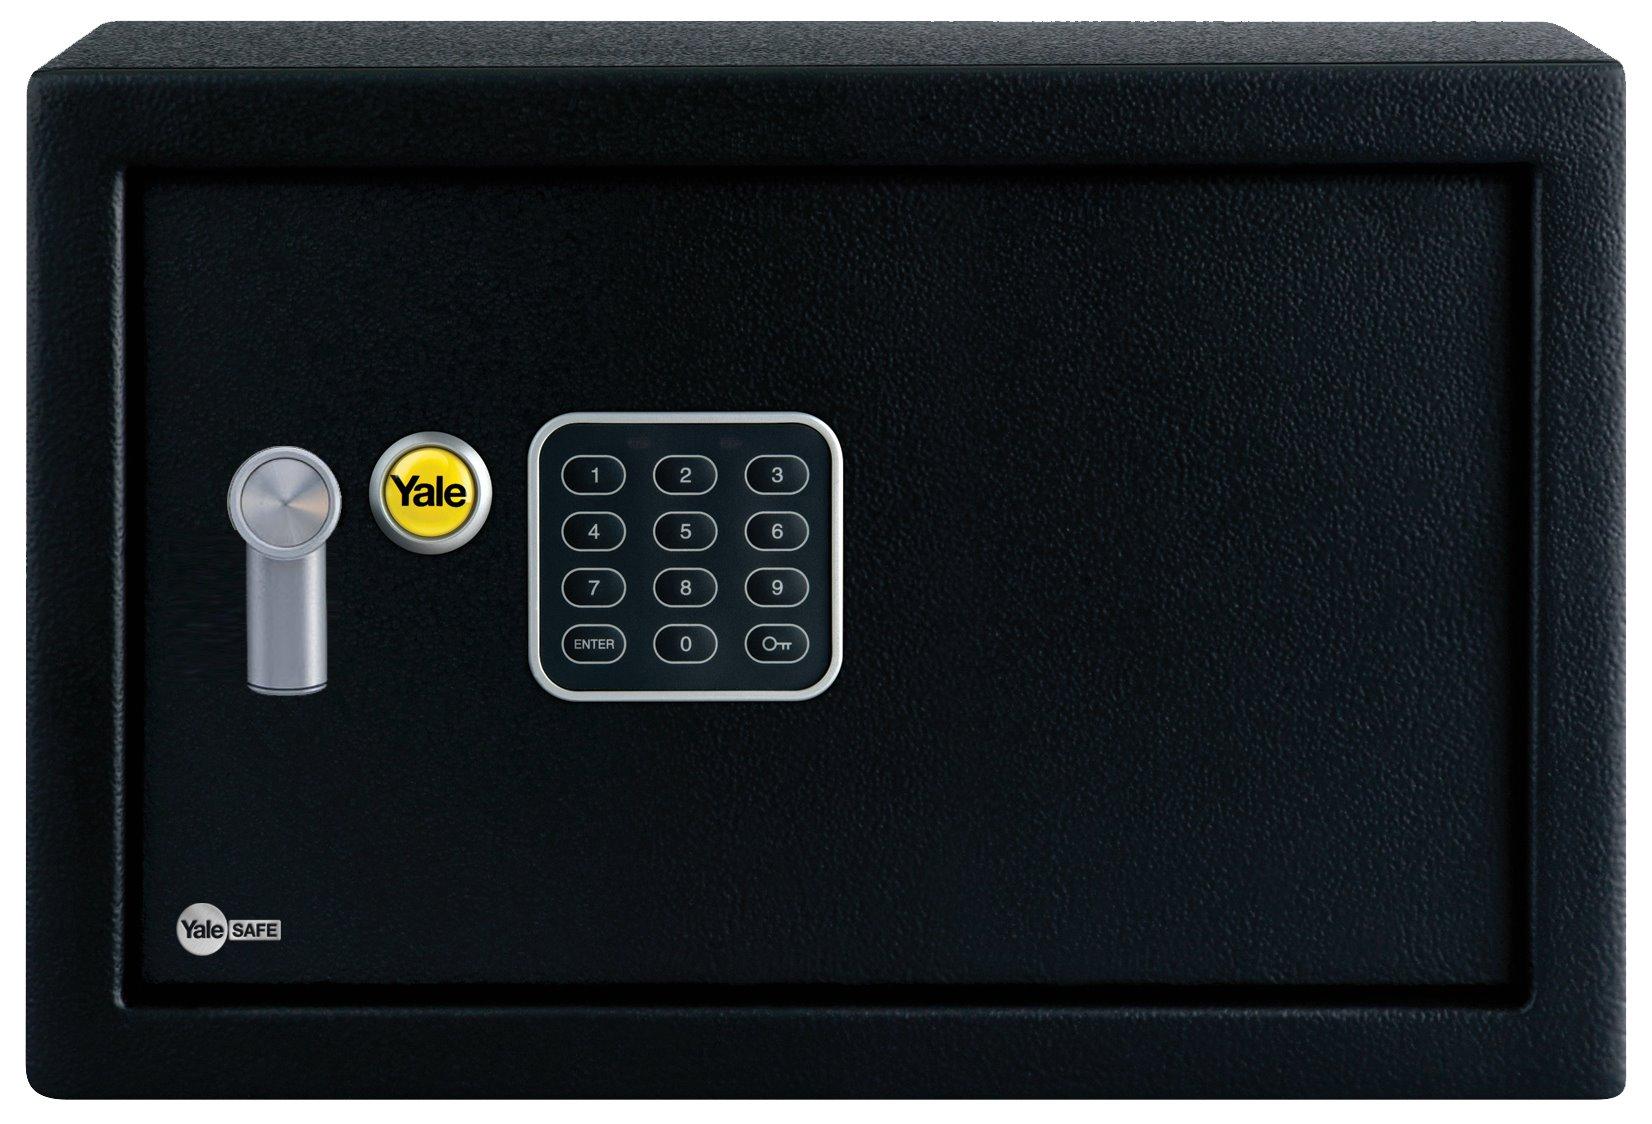 YSV/250/DB1 - Value Home Safe